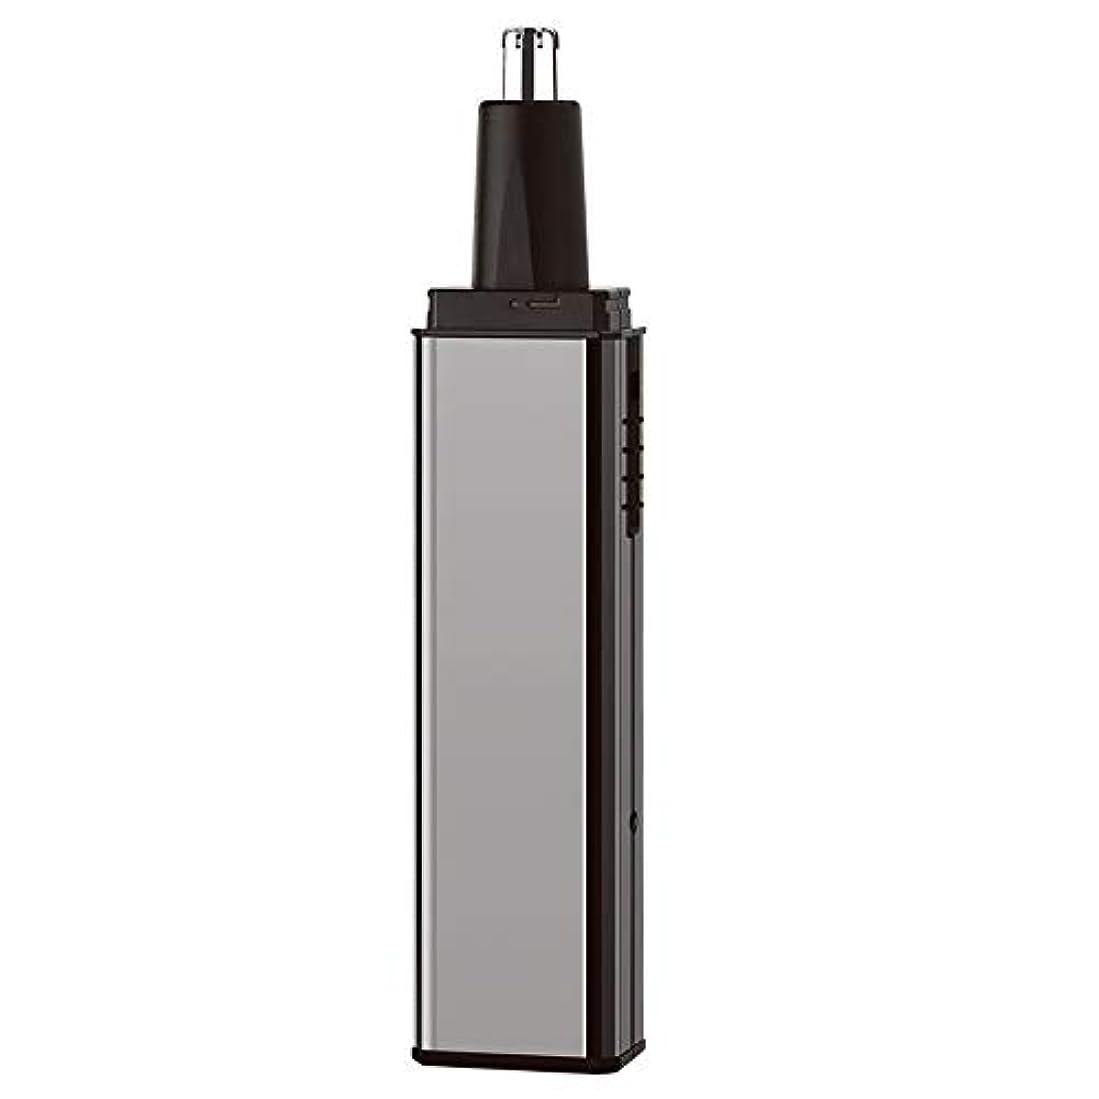 測定信頼性のある護衛鼻毛トリマー-多機能スーツフォーインワン/電気鼻毛トリマー/ステンレススチール/多機能/ 13.5 * 2.7cm 操作が簡単